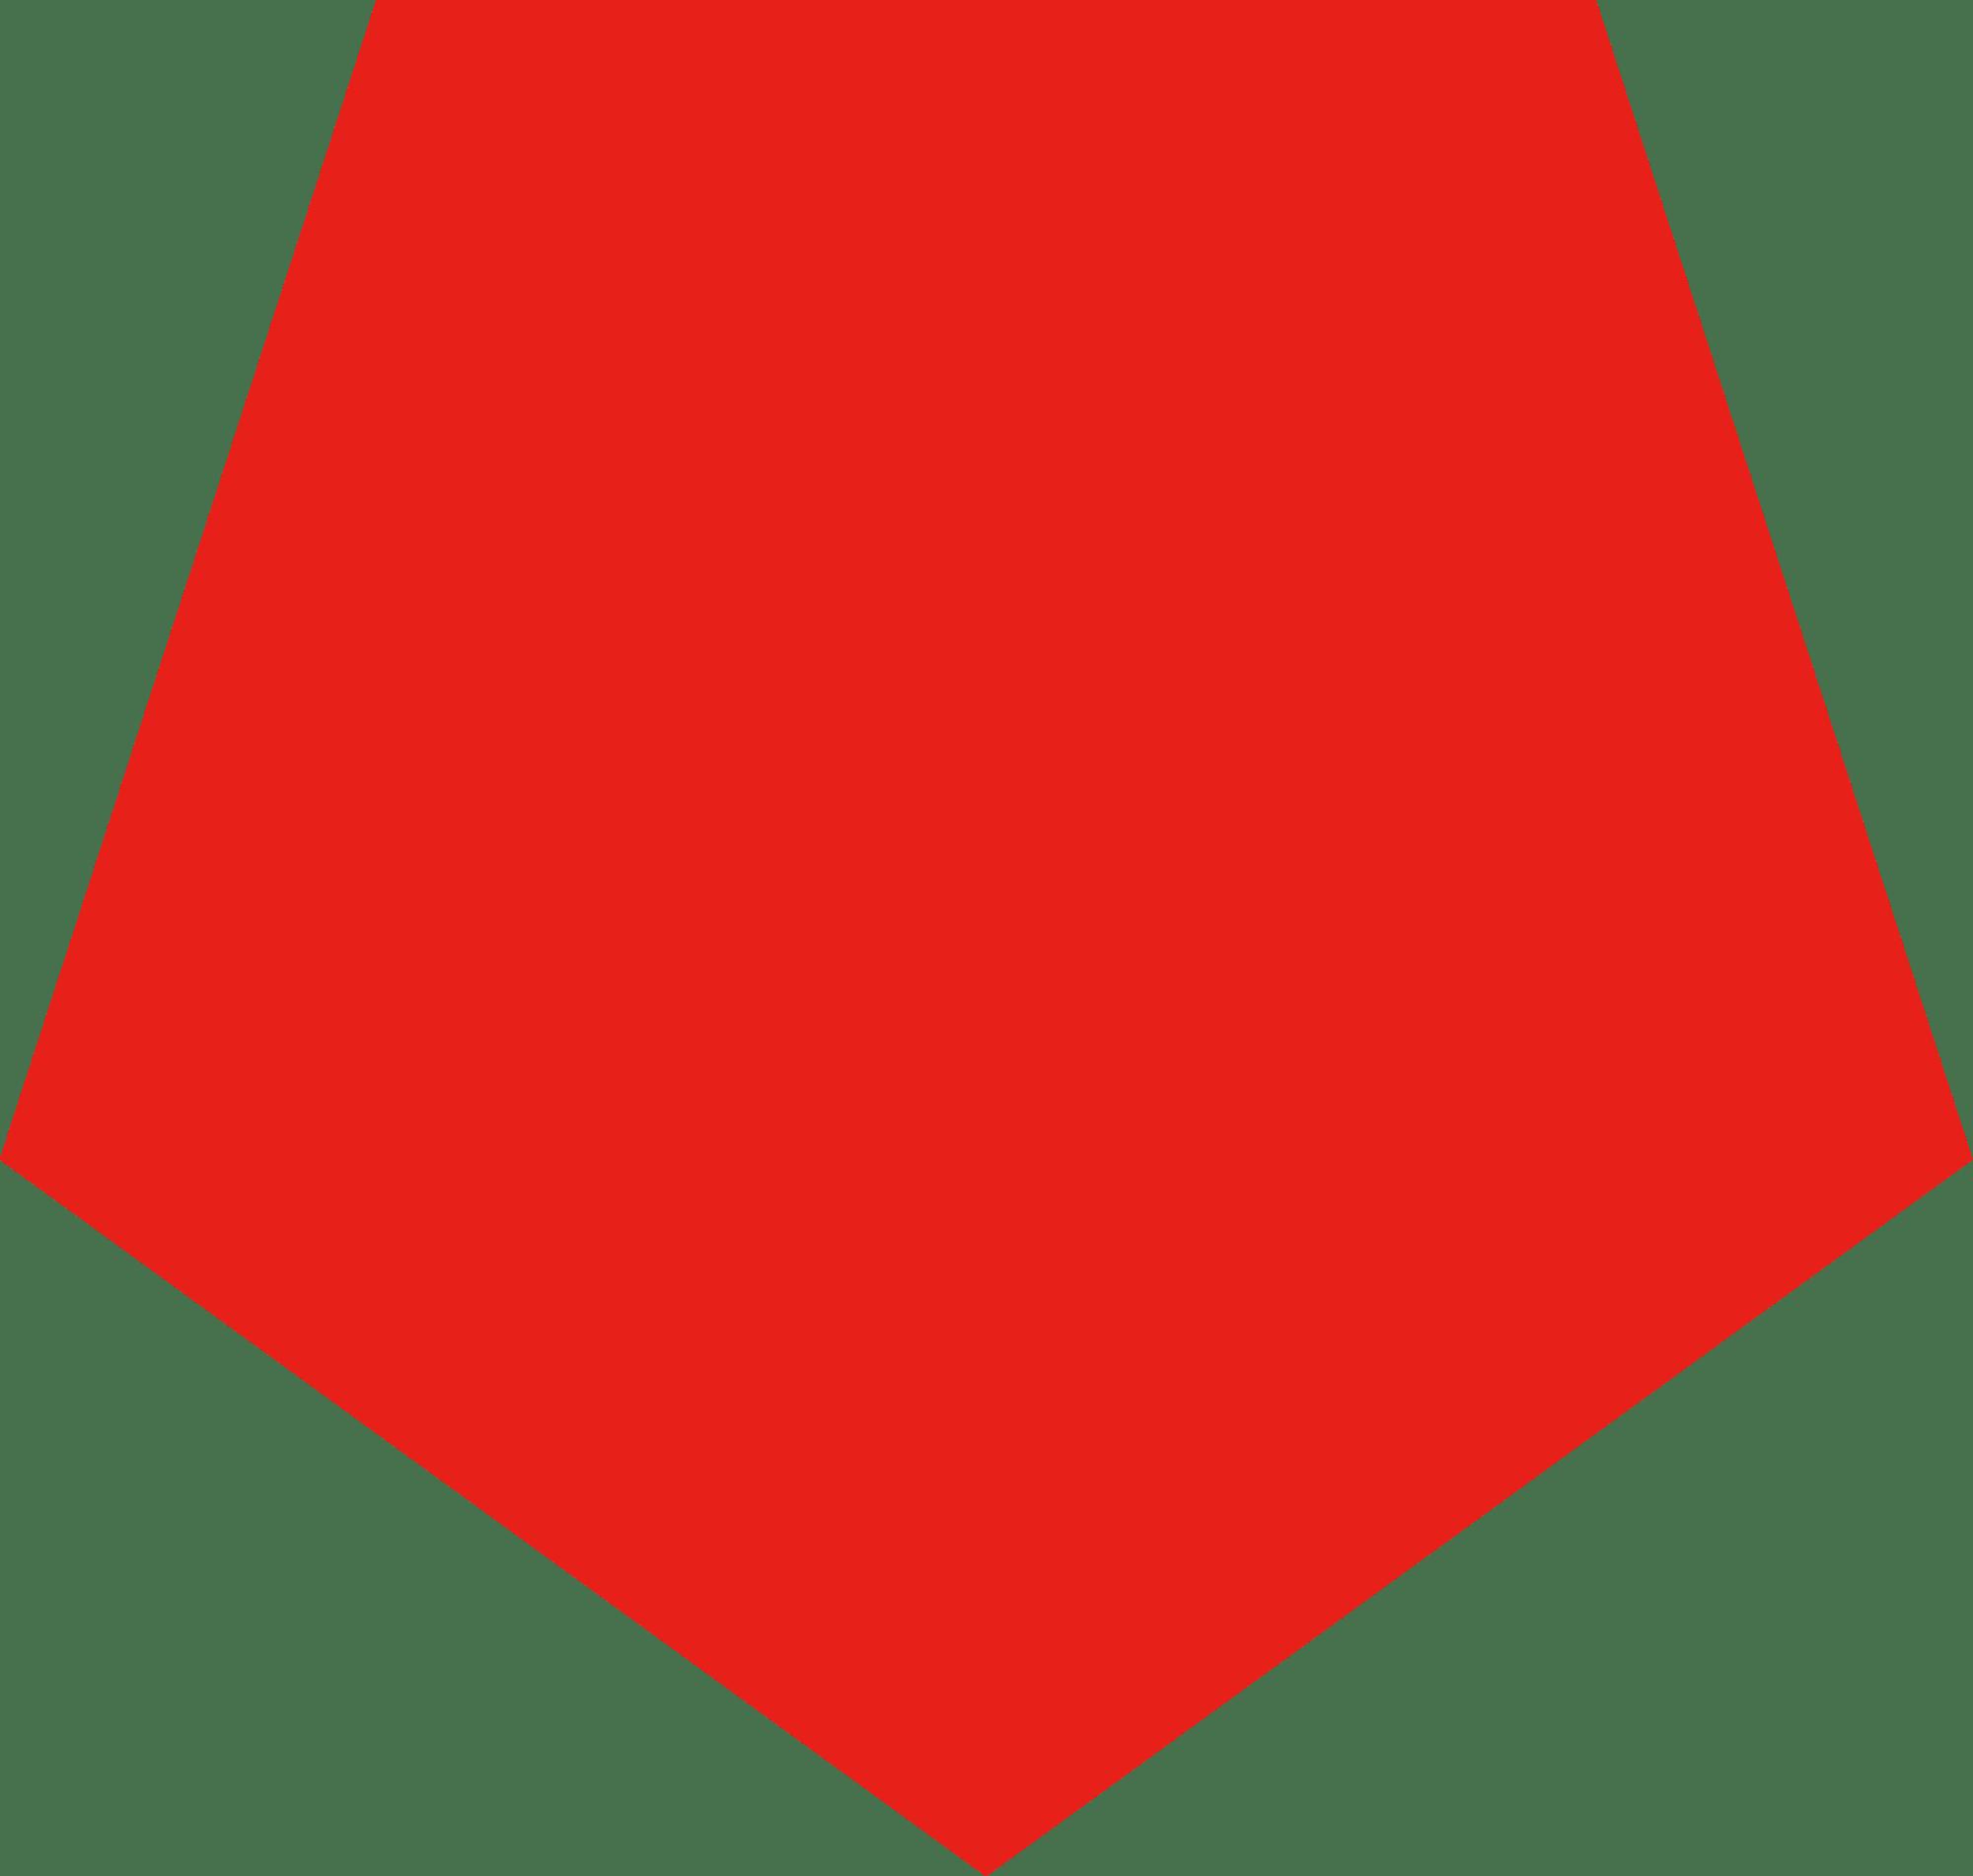 Pentagon svg. Download Pentagon svg for free 2019